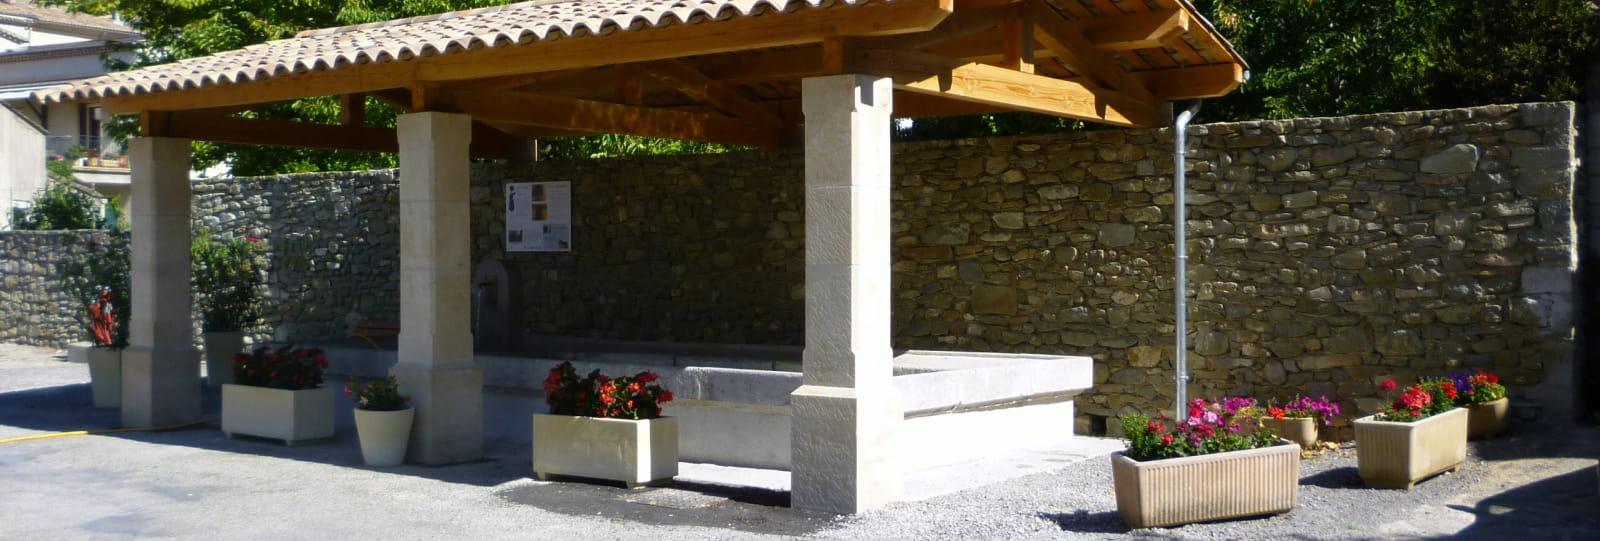 Le Lavoir de Puy-Saint-Martin et le réseau de captage